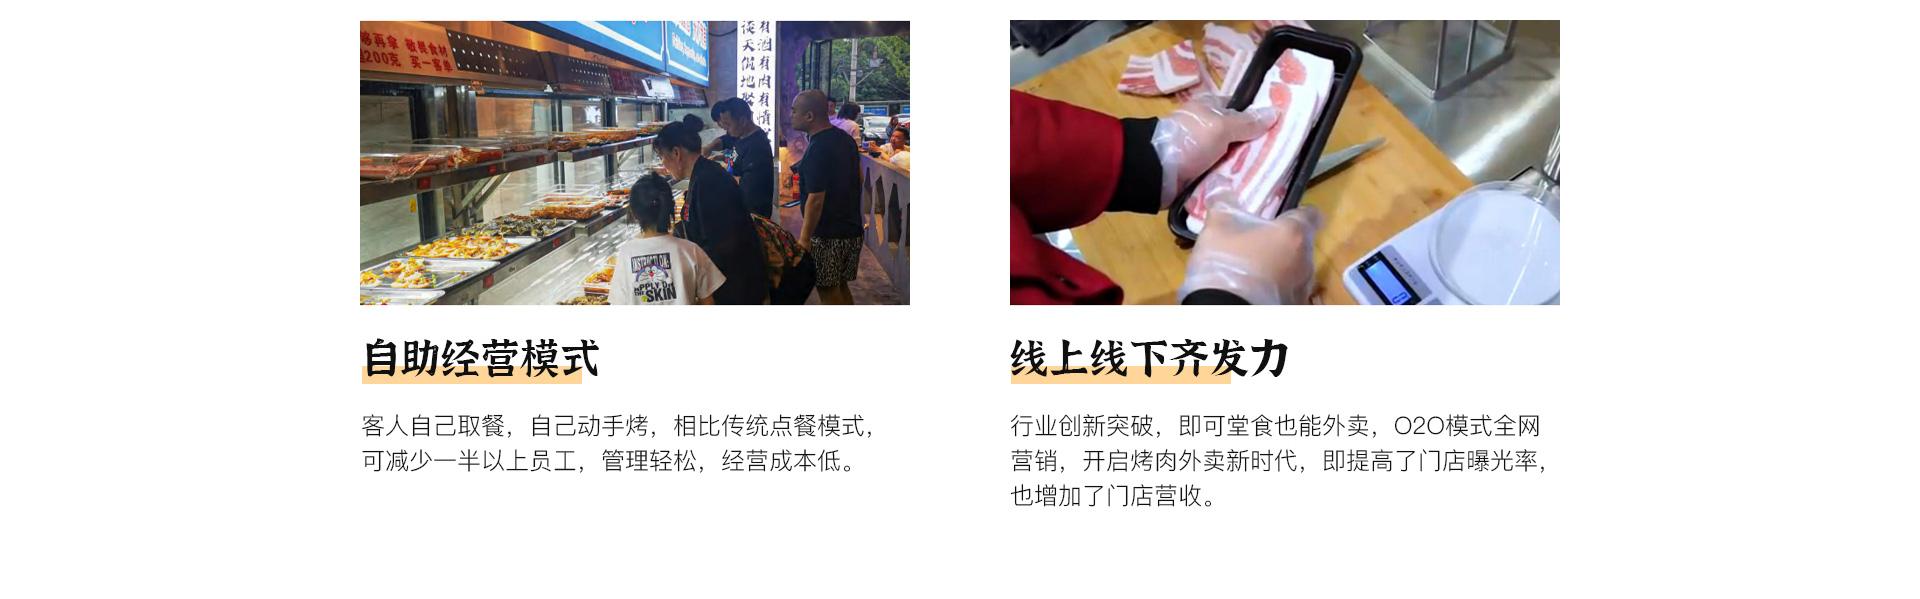 刘闲得市井烤肉详情_08